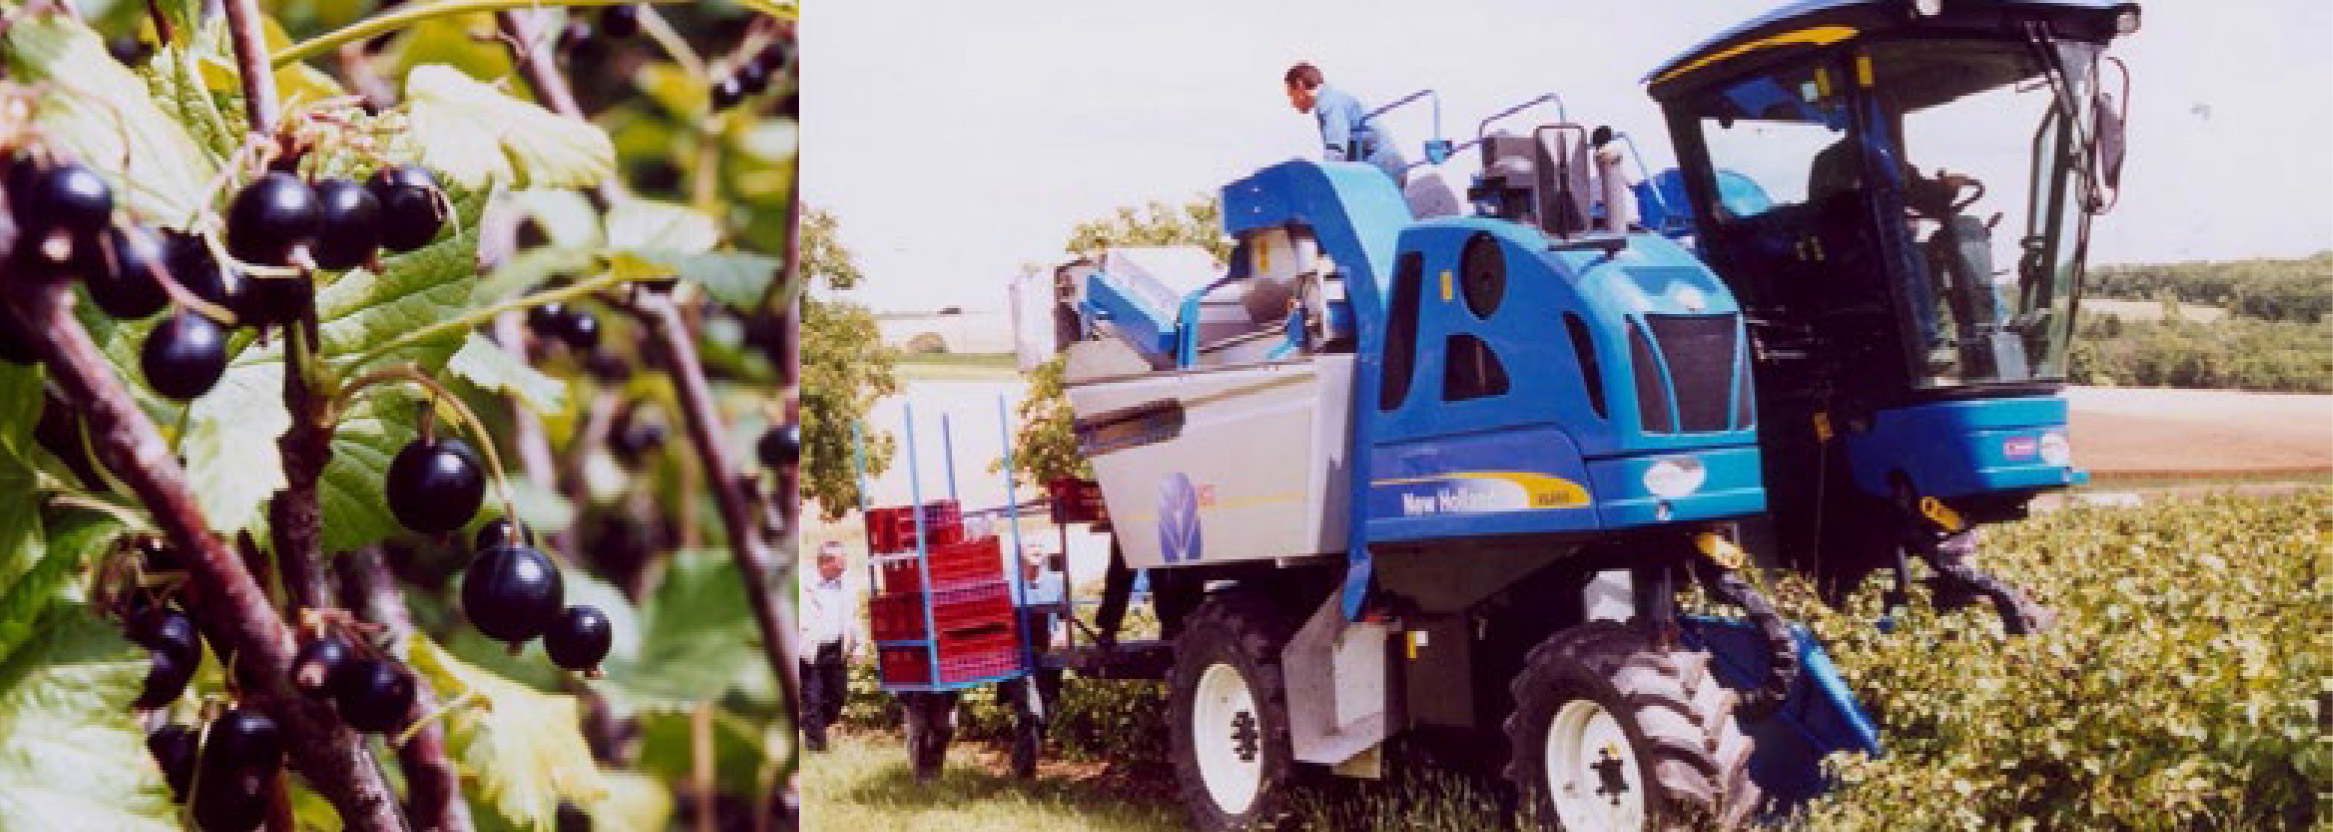 berry harvesting machine